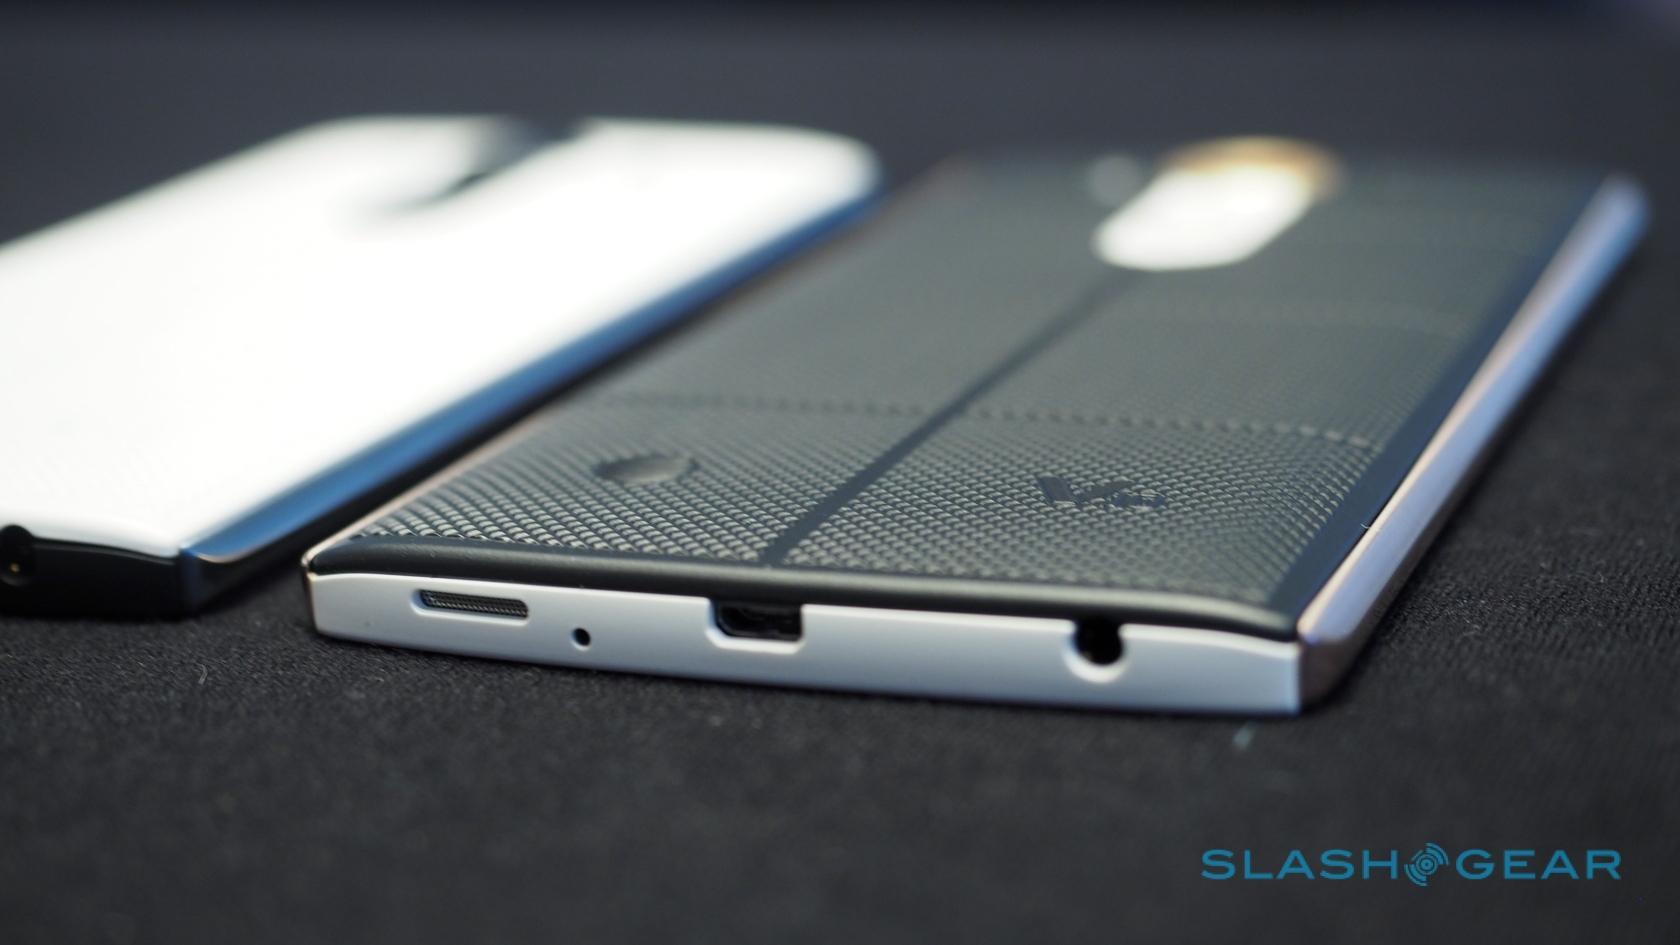 LG V10 gallery - SlashGear